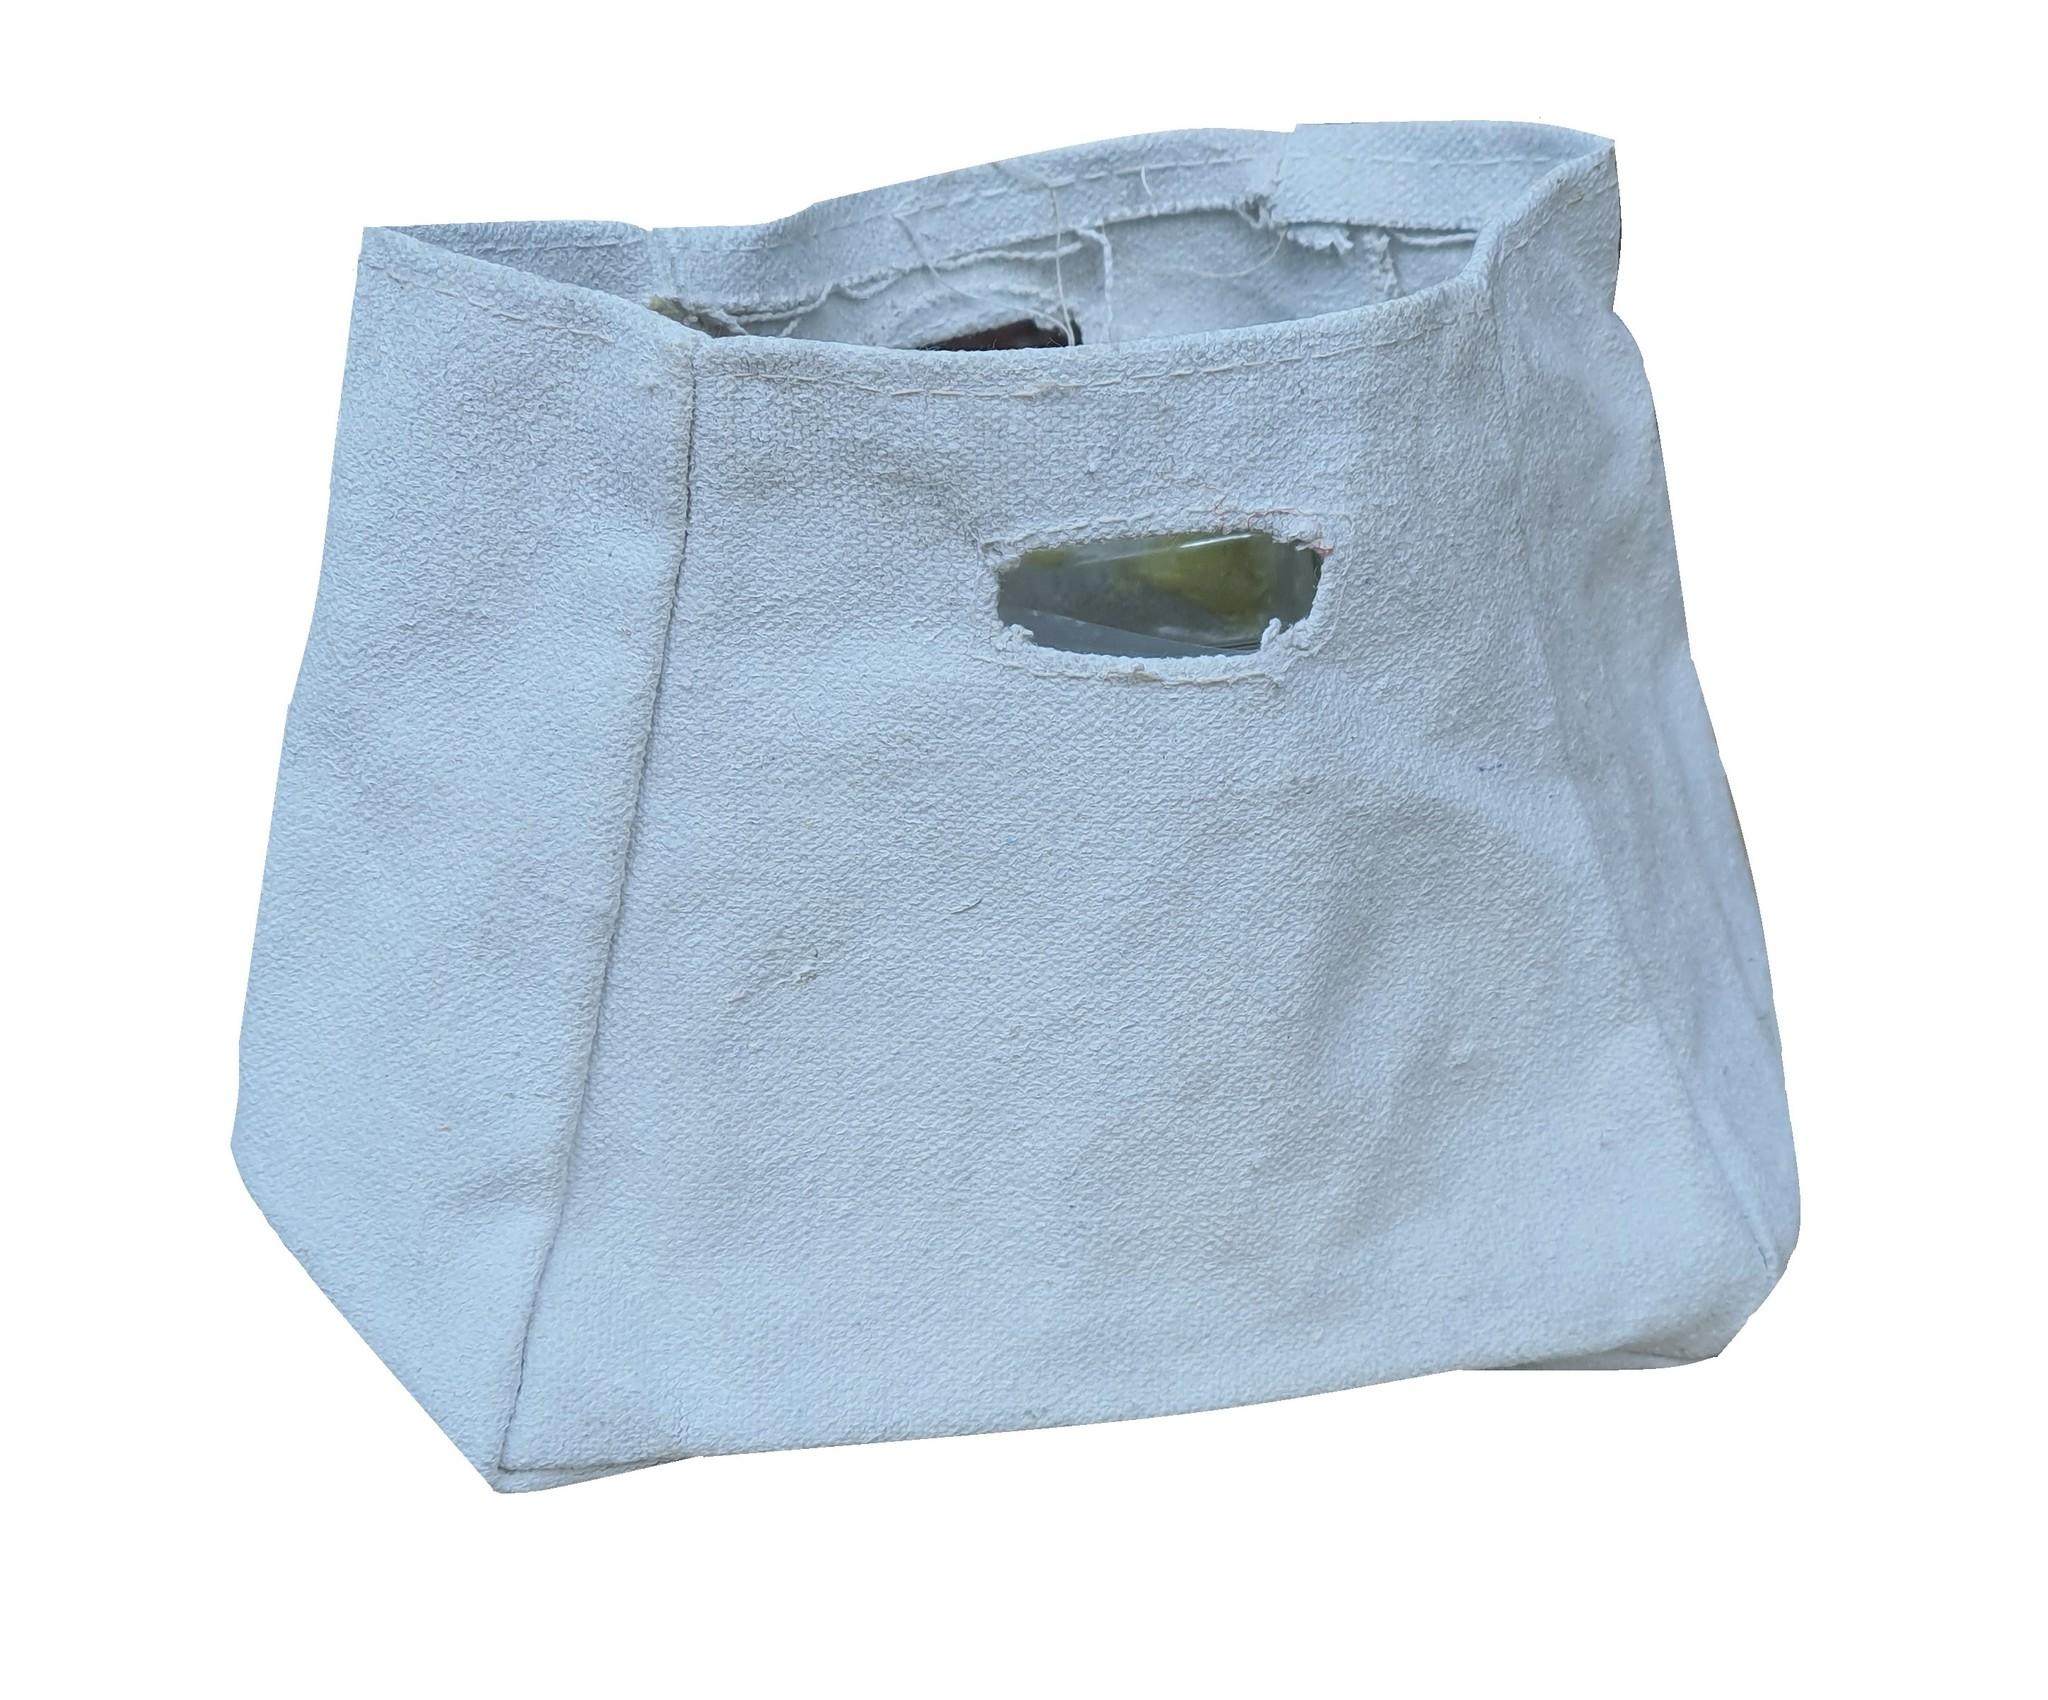 potglasscream bag + glass 16-1